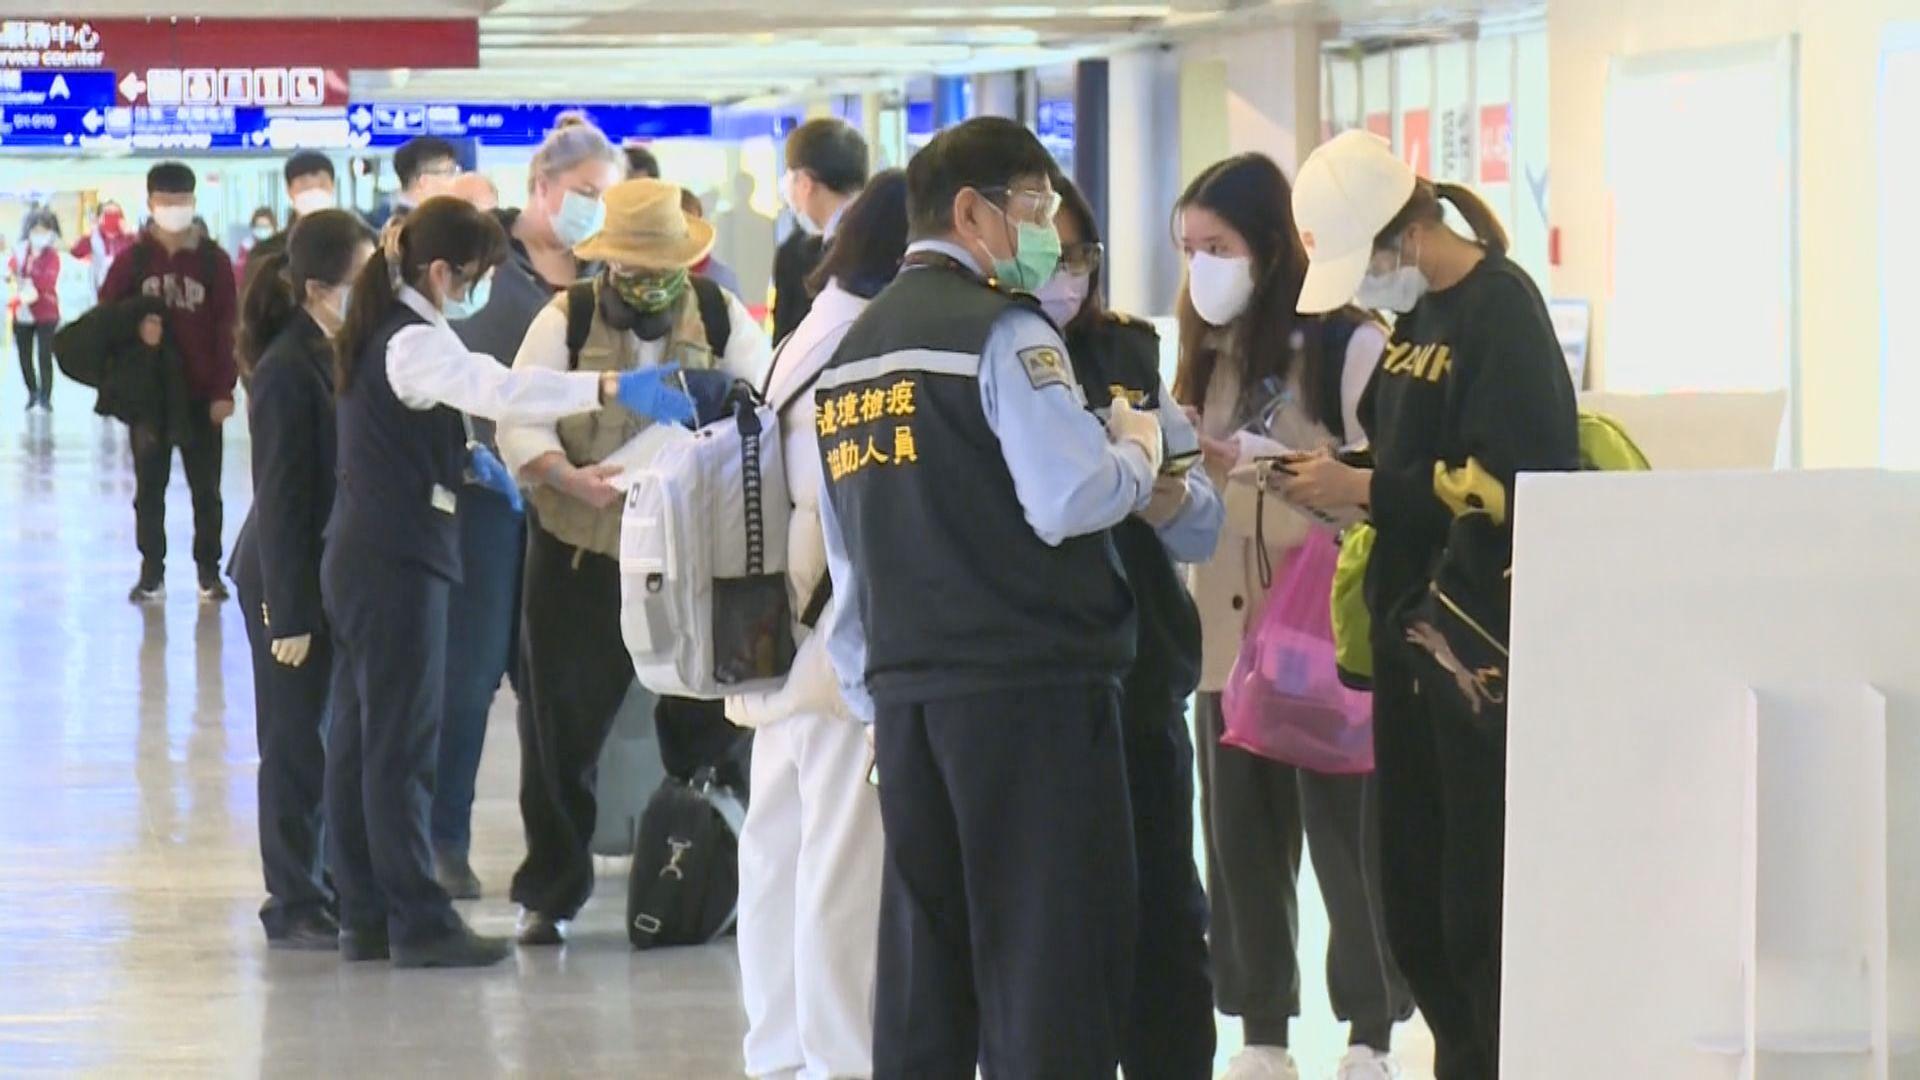 台灣恢復讓大陸商務人士申請入境